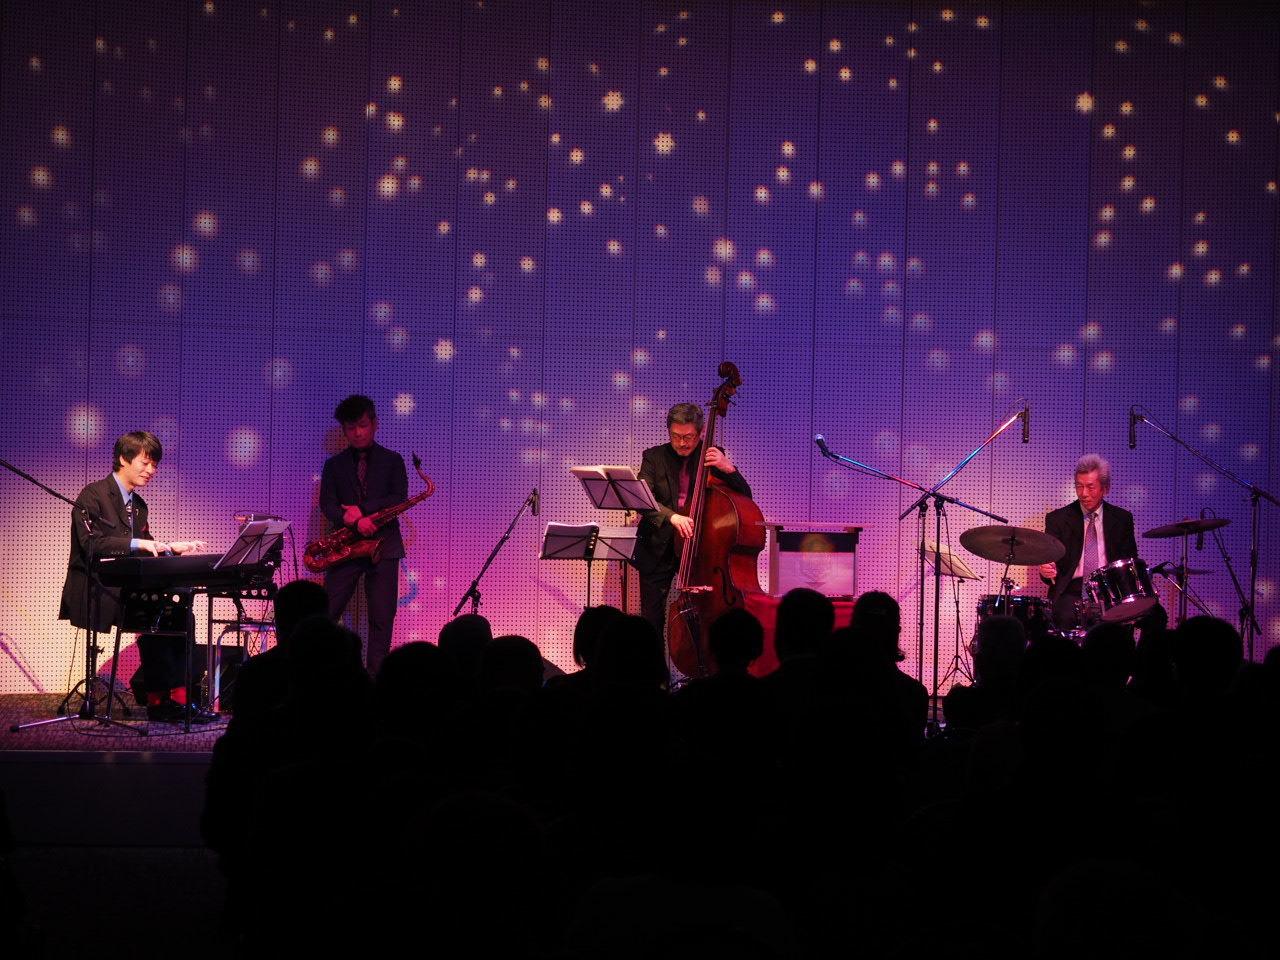 ジャズ講談のコンサートでした 2020年冬_f0135940_01561156.jpg